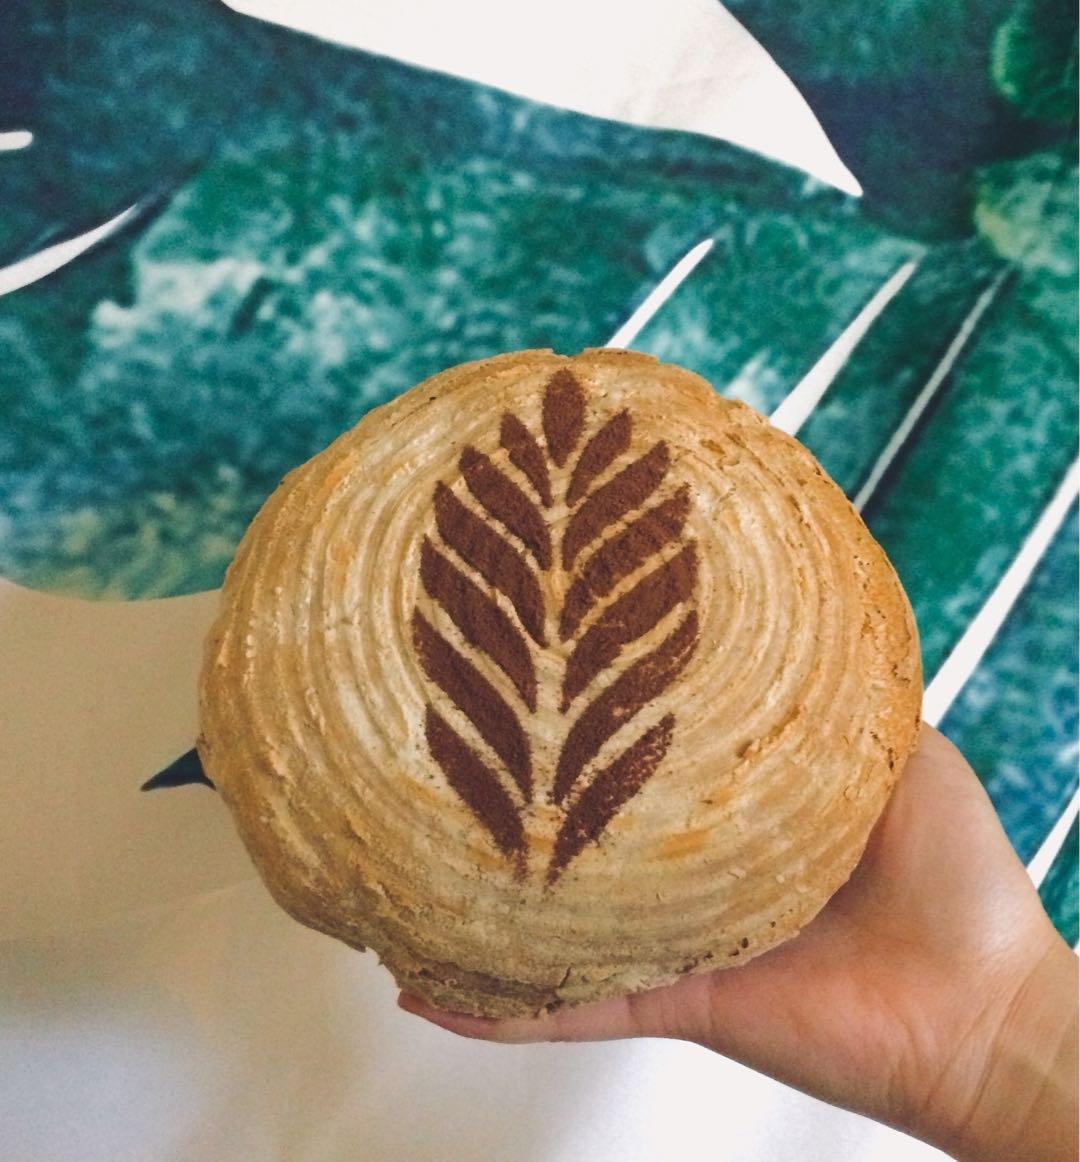 Güden Artisan Bread Kit: 10 inch Banneton Round Blotform Proofing Natural Rattan Basket, Bowl Scraper, Linen Liner, and 4 European Bread Stencils by Güden